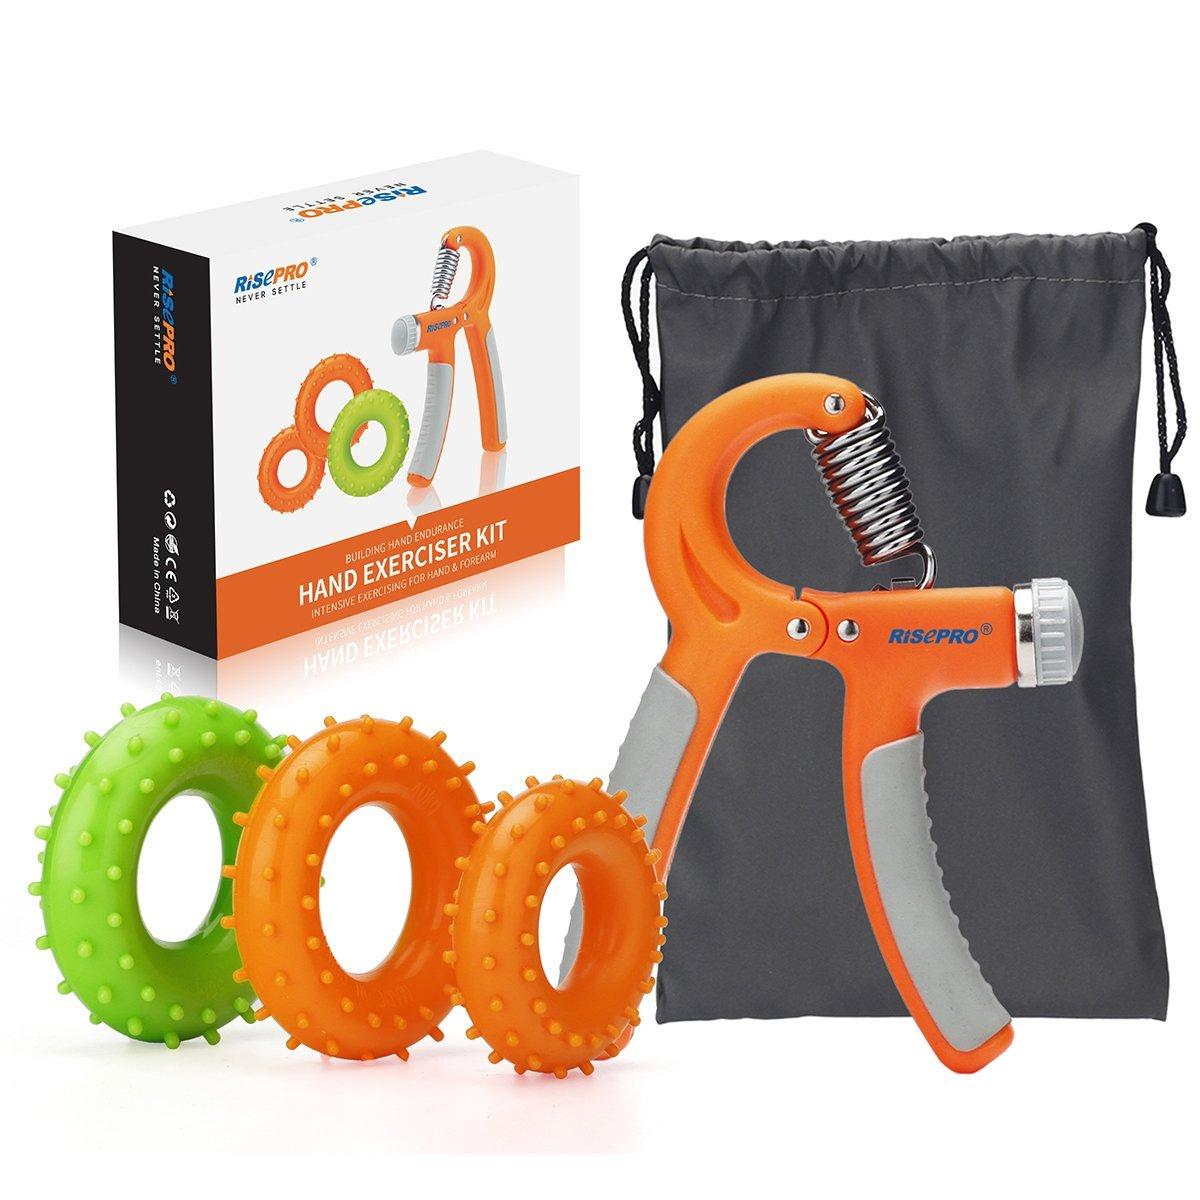 Hand Exerciser Kit w/ 3 Grip Rings $4.95 @Amazon + FS